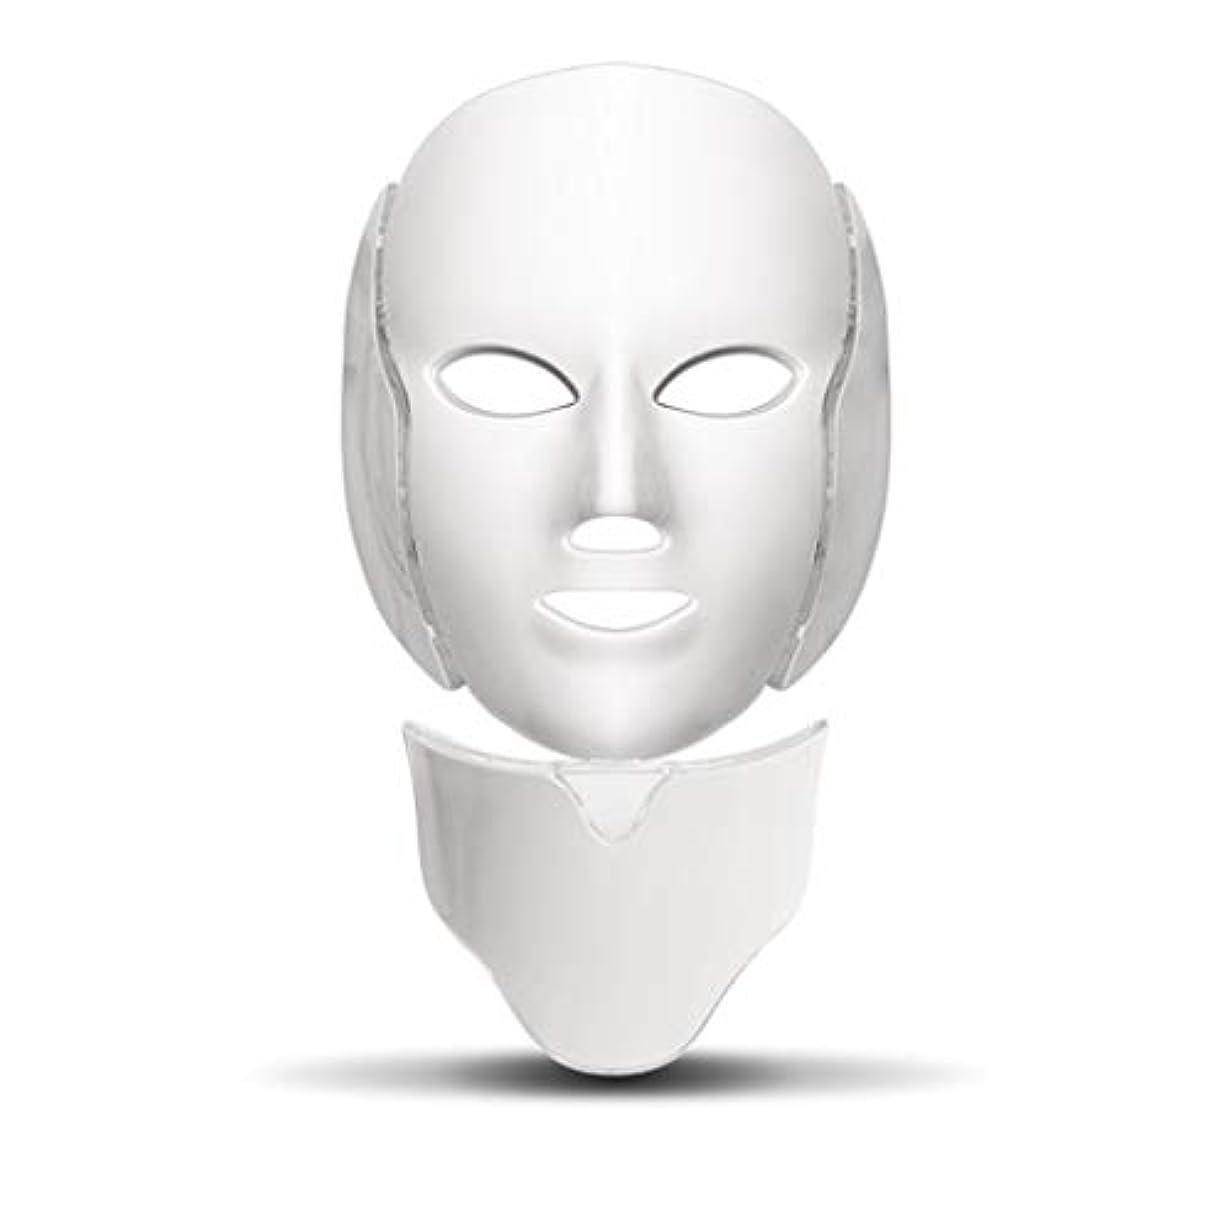 待って影響する受信機ライトセラピー?マスク、LEDライトセラピーは、ネックスキンケアフェイシャルマスクセラピー7色のアンチエイジング光治療にきびマスクフェーススキンビューティトーニング、しわ、アクネホワイトニングマスク (Color : White)